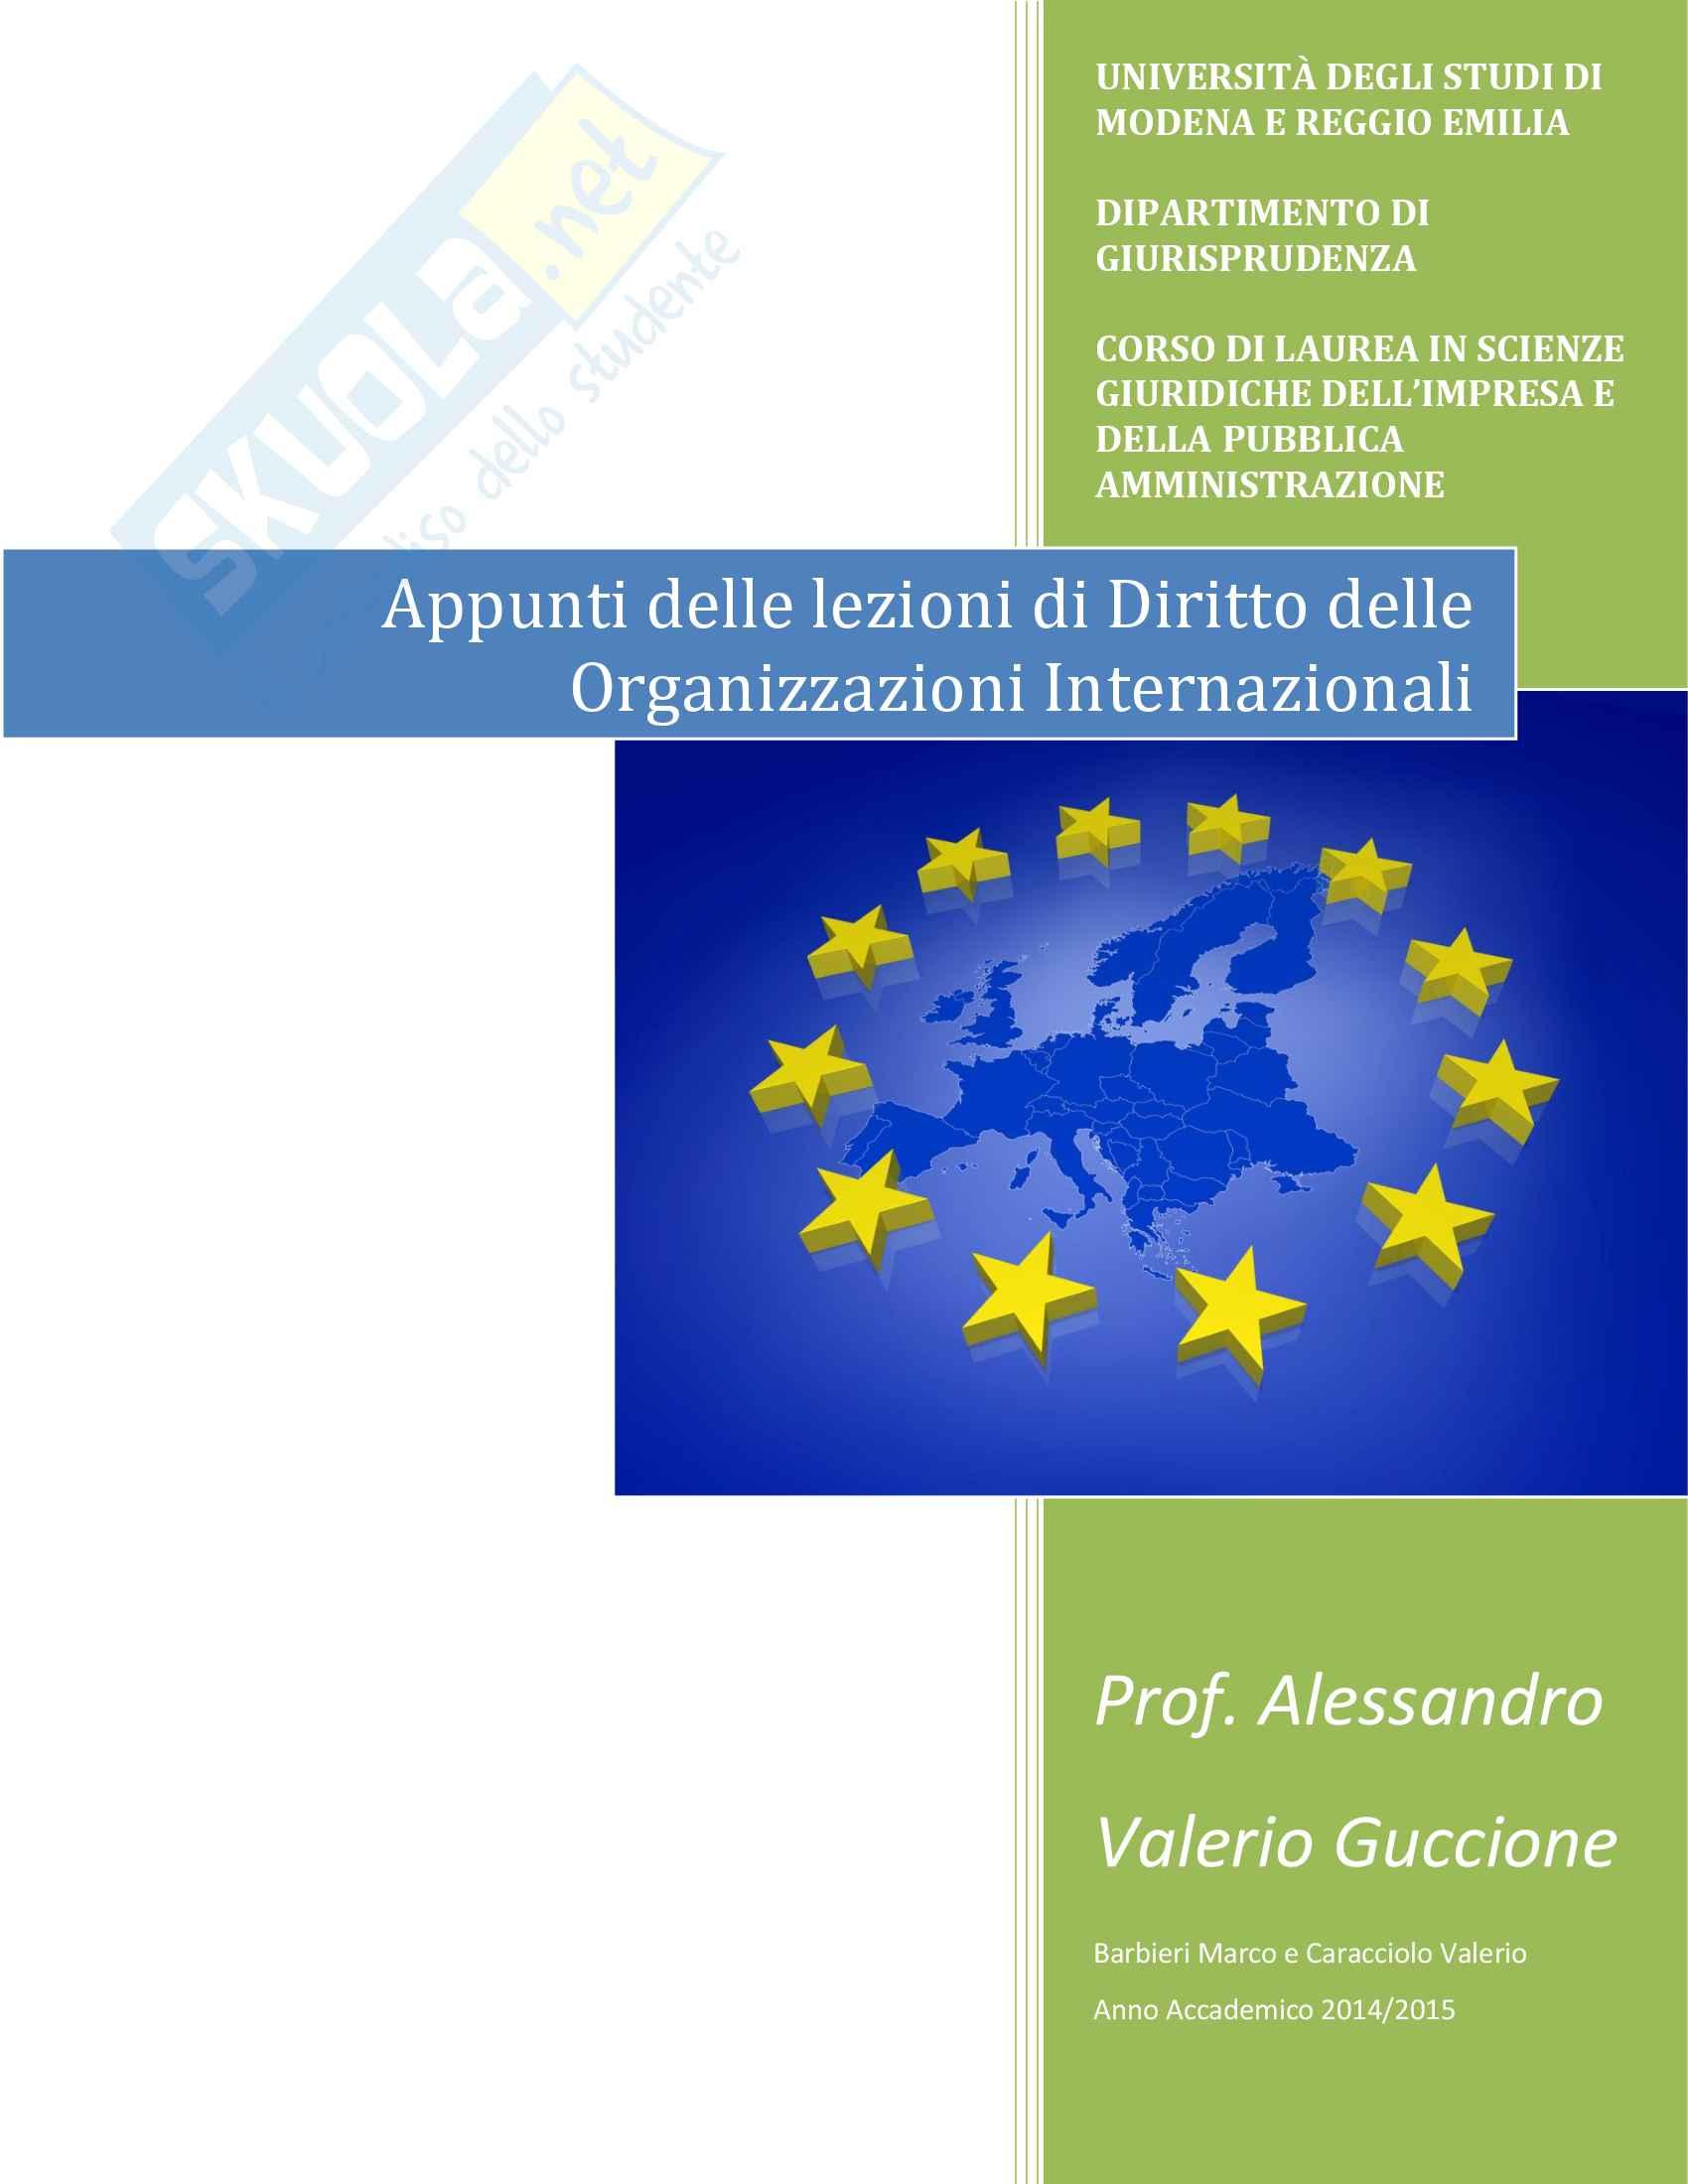 Appunti delle lezioni di Diritto delle Organizzazioni Internazionali del Prof. Alessandro Valerio Guccione, Anno Accademico 2014/2015